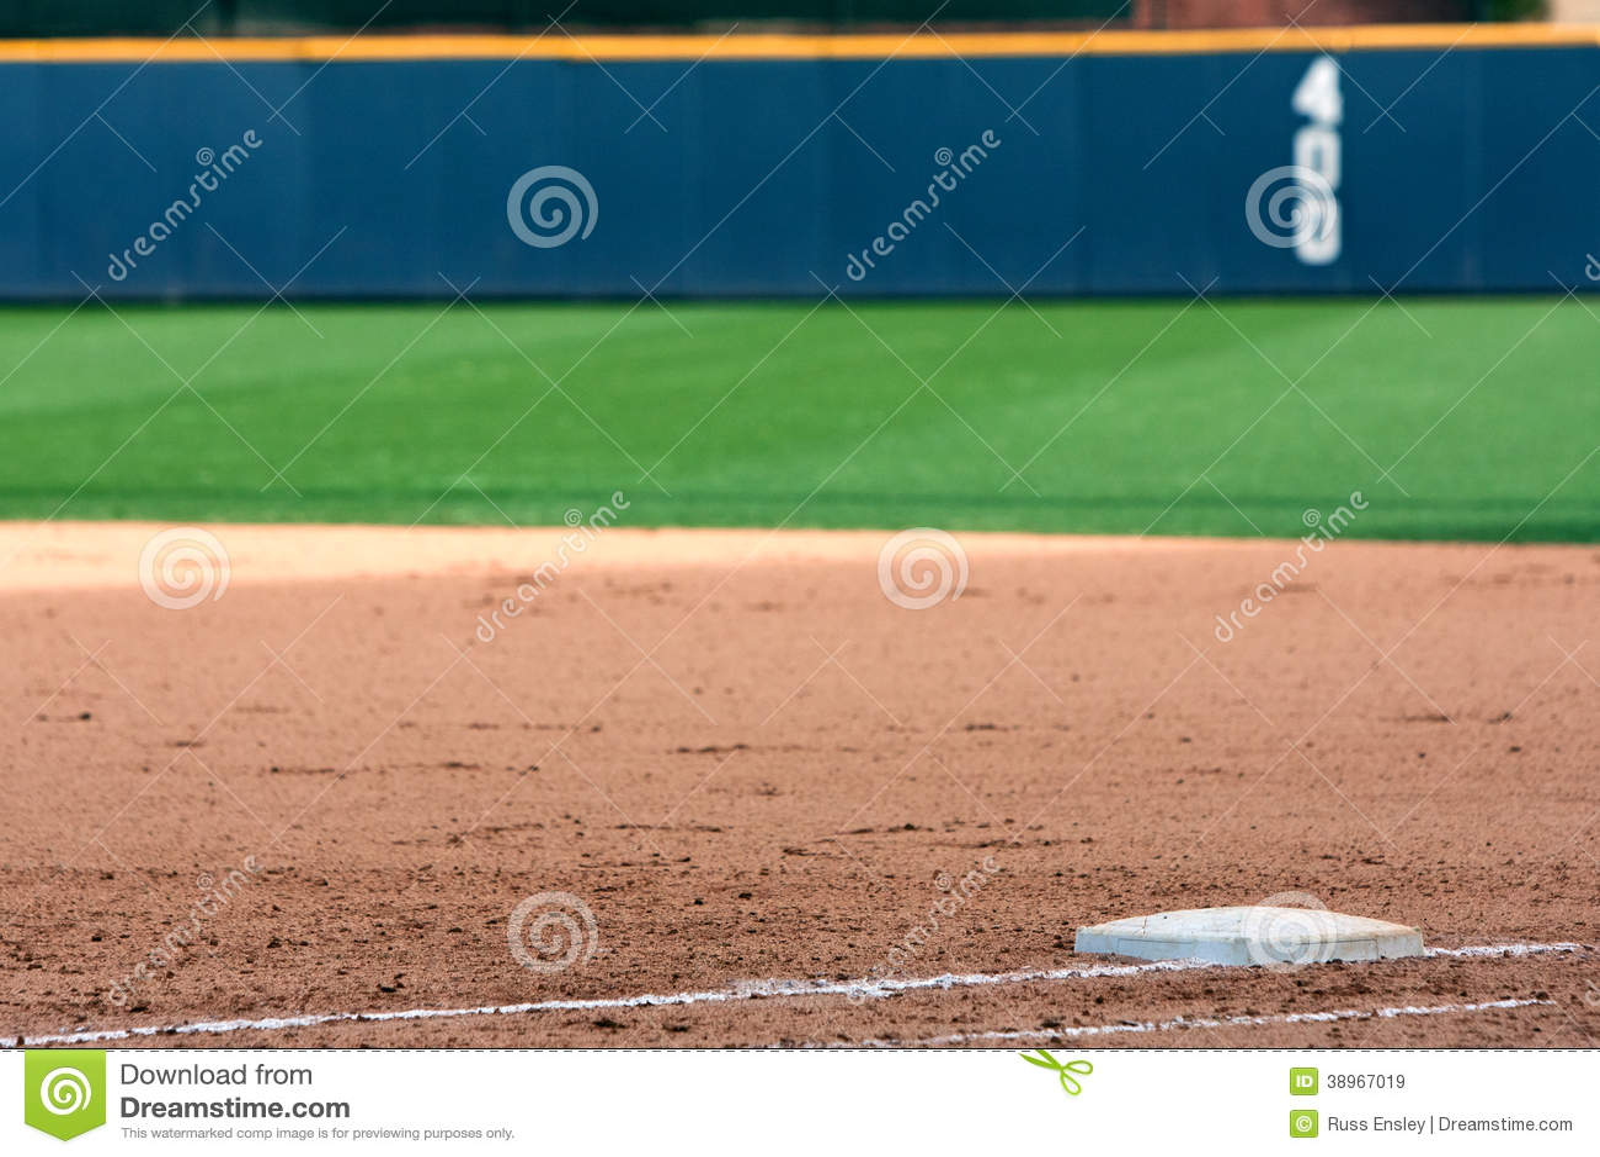 Baseballa pola przedstawień pierwsza baza I pole zewnętrzn ściana